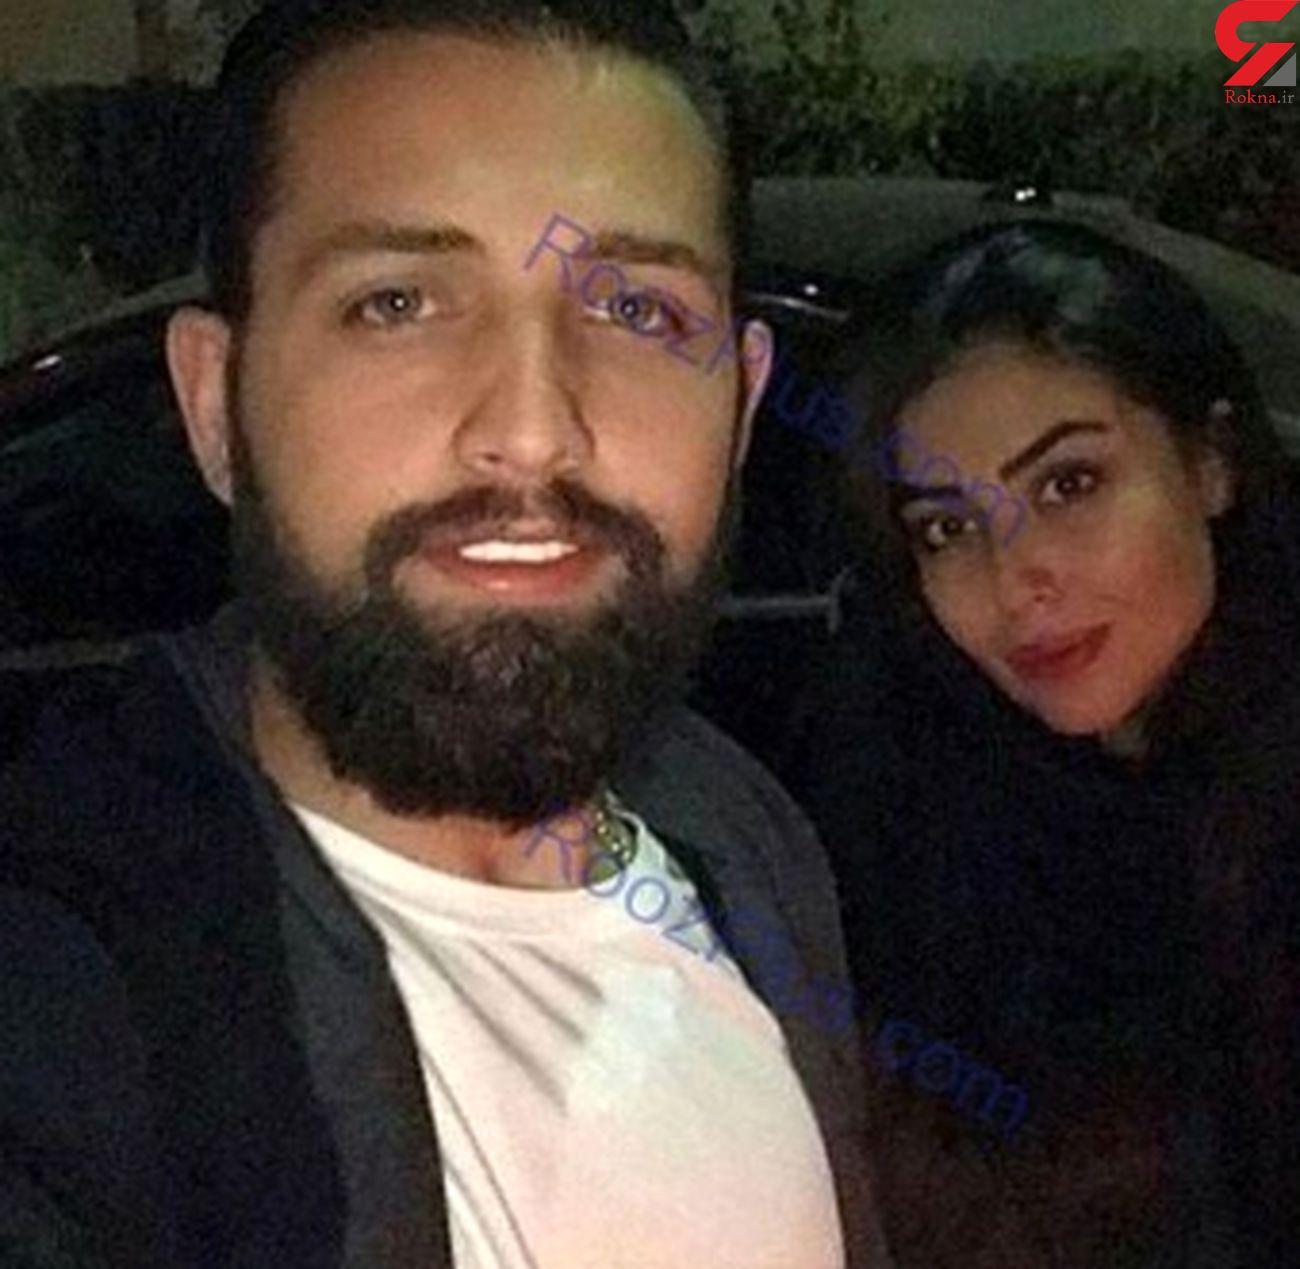 سویل یا همسر دوم محسن افشانی ؟! / کدام زیباترند! + عکس